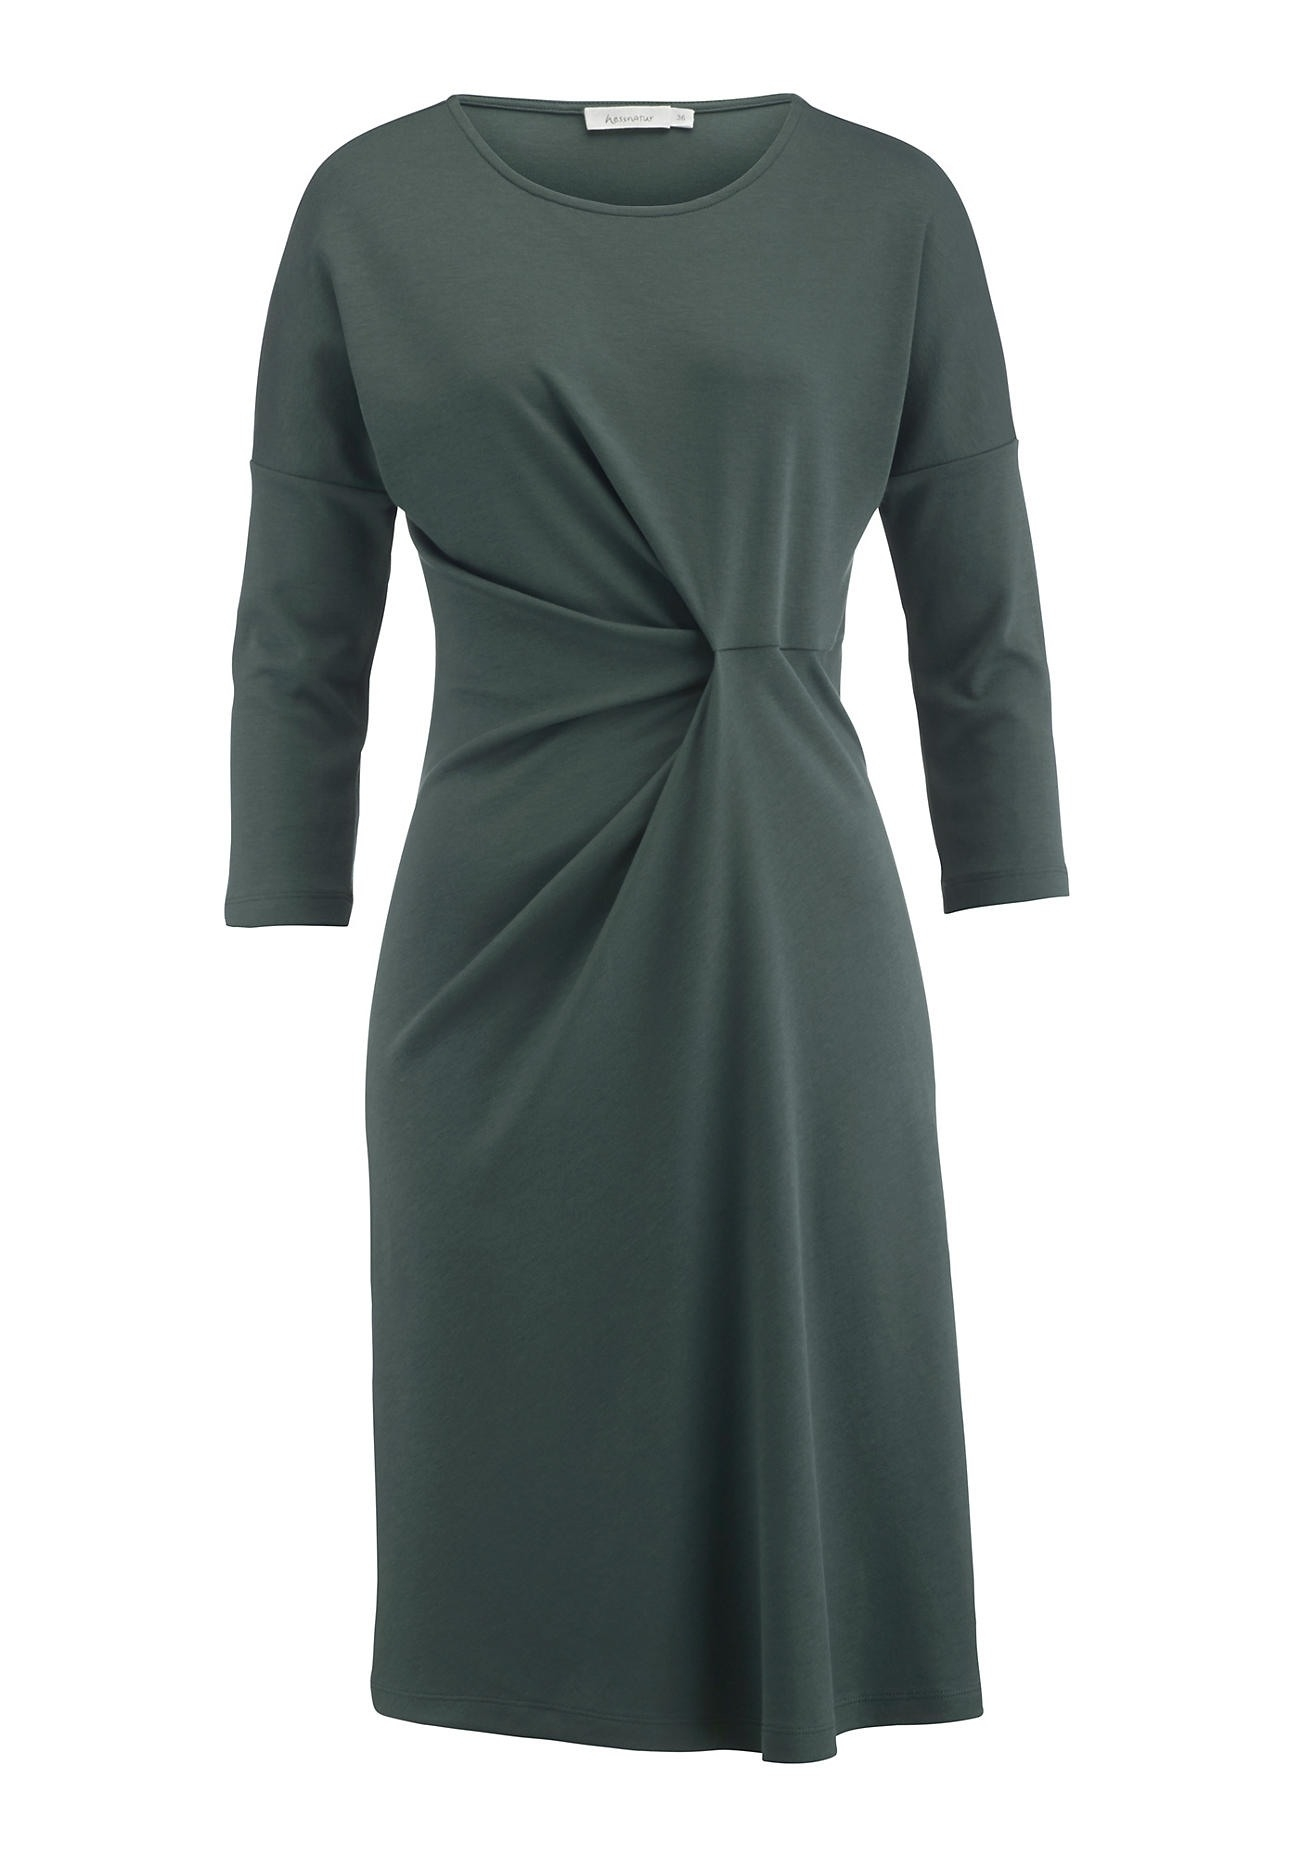 Formal Schön Kleid 48 Vertrieb15 Schön Kleid 48 Stylish